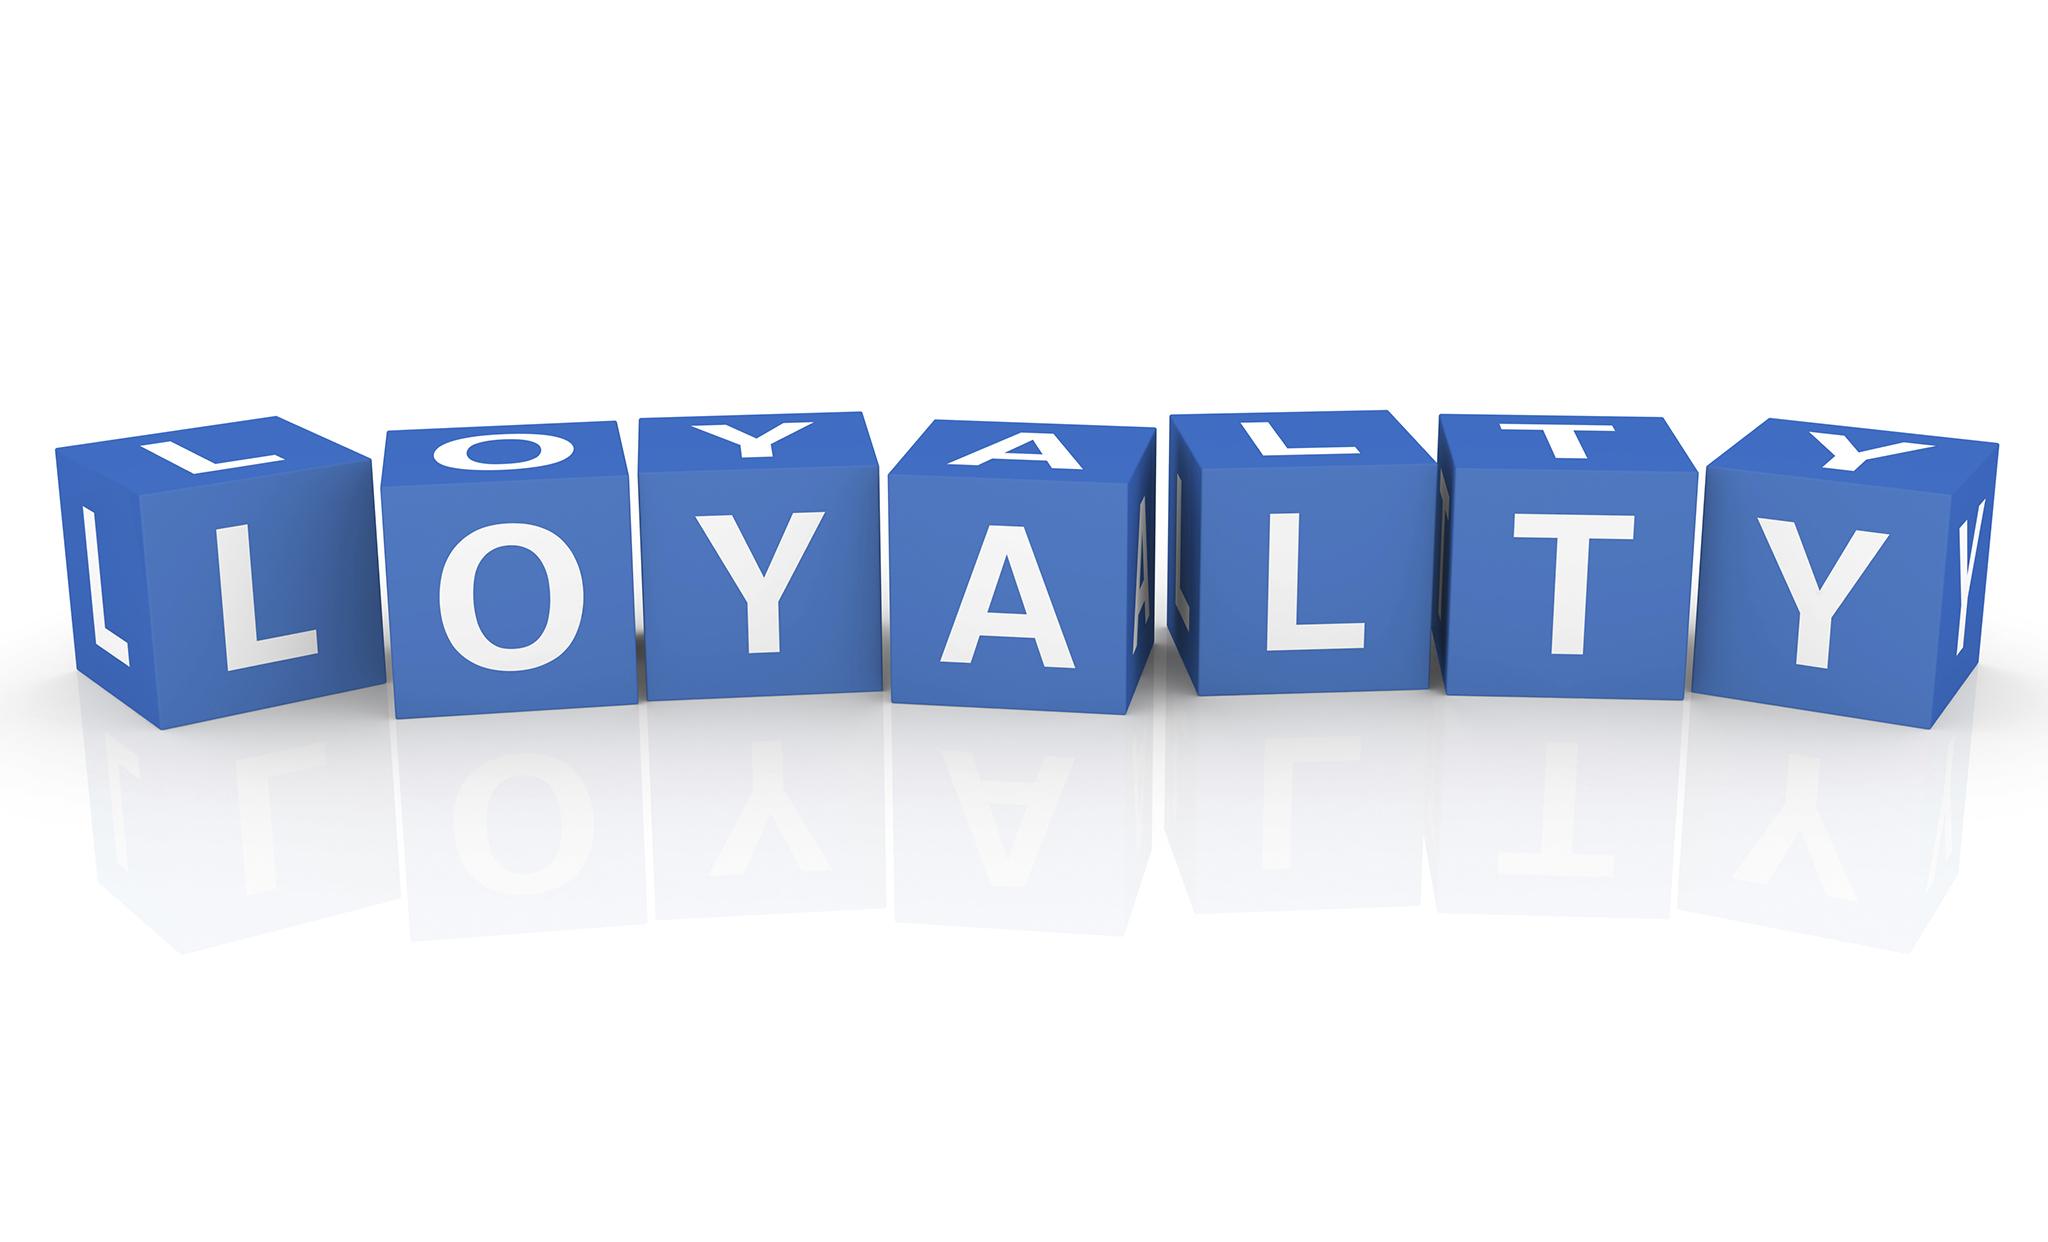 Loyalty, waardering en aansporen van een 'CTA' met promotionele